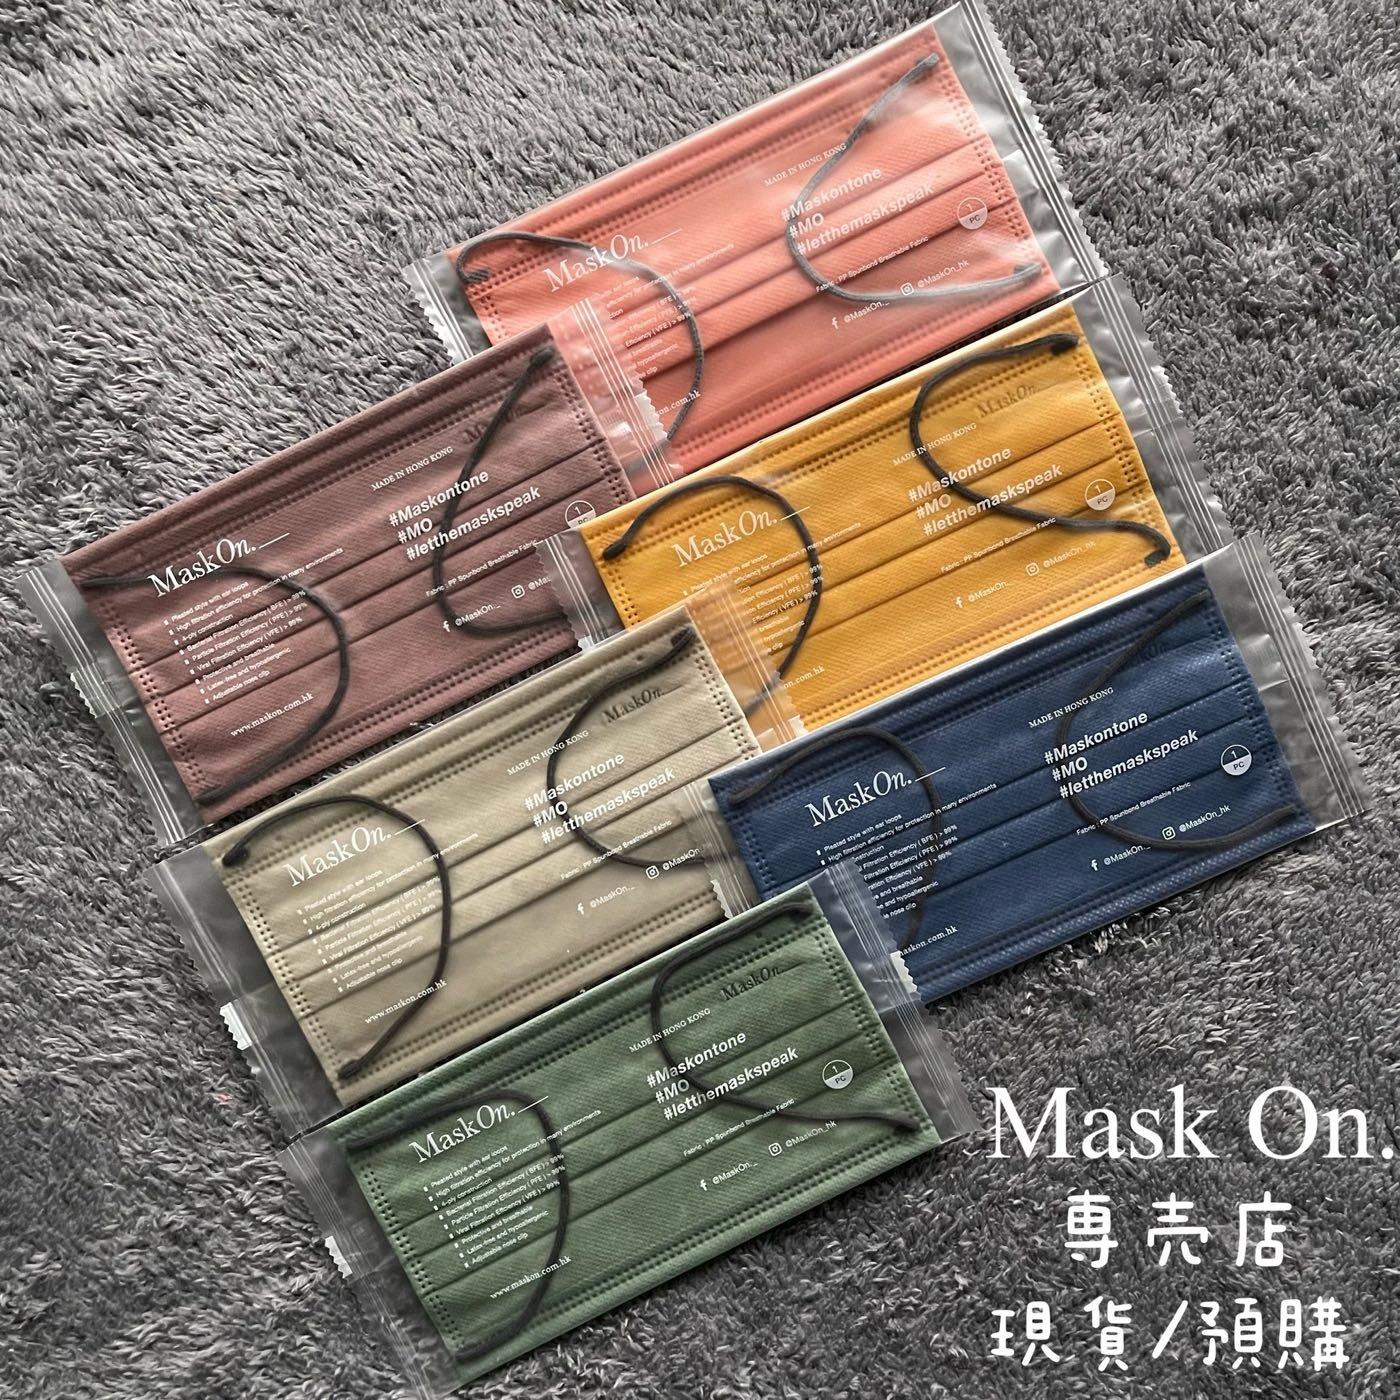 預購 香港 MaskOn 口罩 莫蘭迪配色(賣場還有 中衛 聯名 可選購)灰色 軍綠色 奶茶色 裸色 深藍色 黃色 橘色 丹寧 牛仔 MASK ON